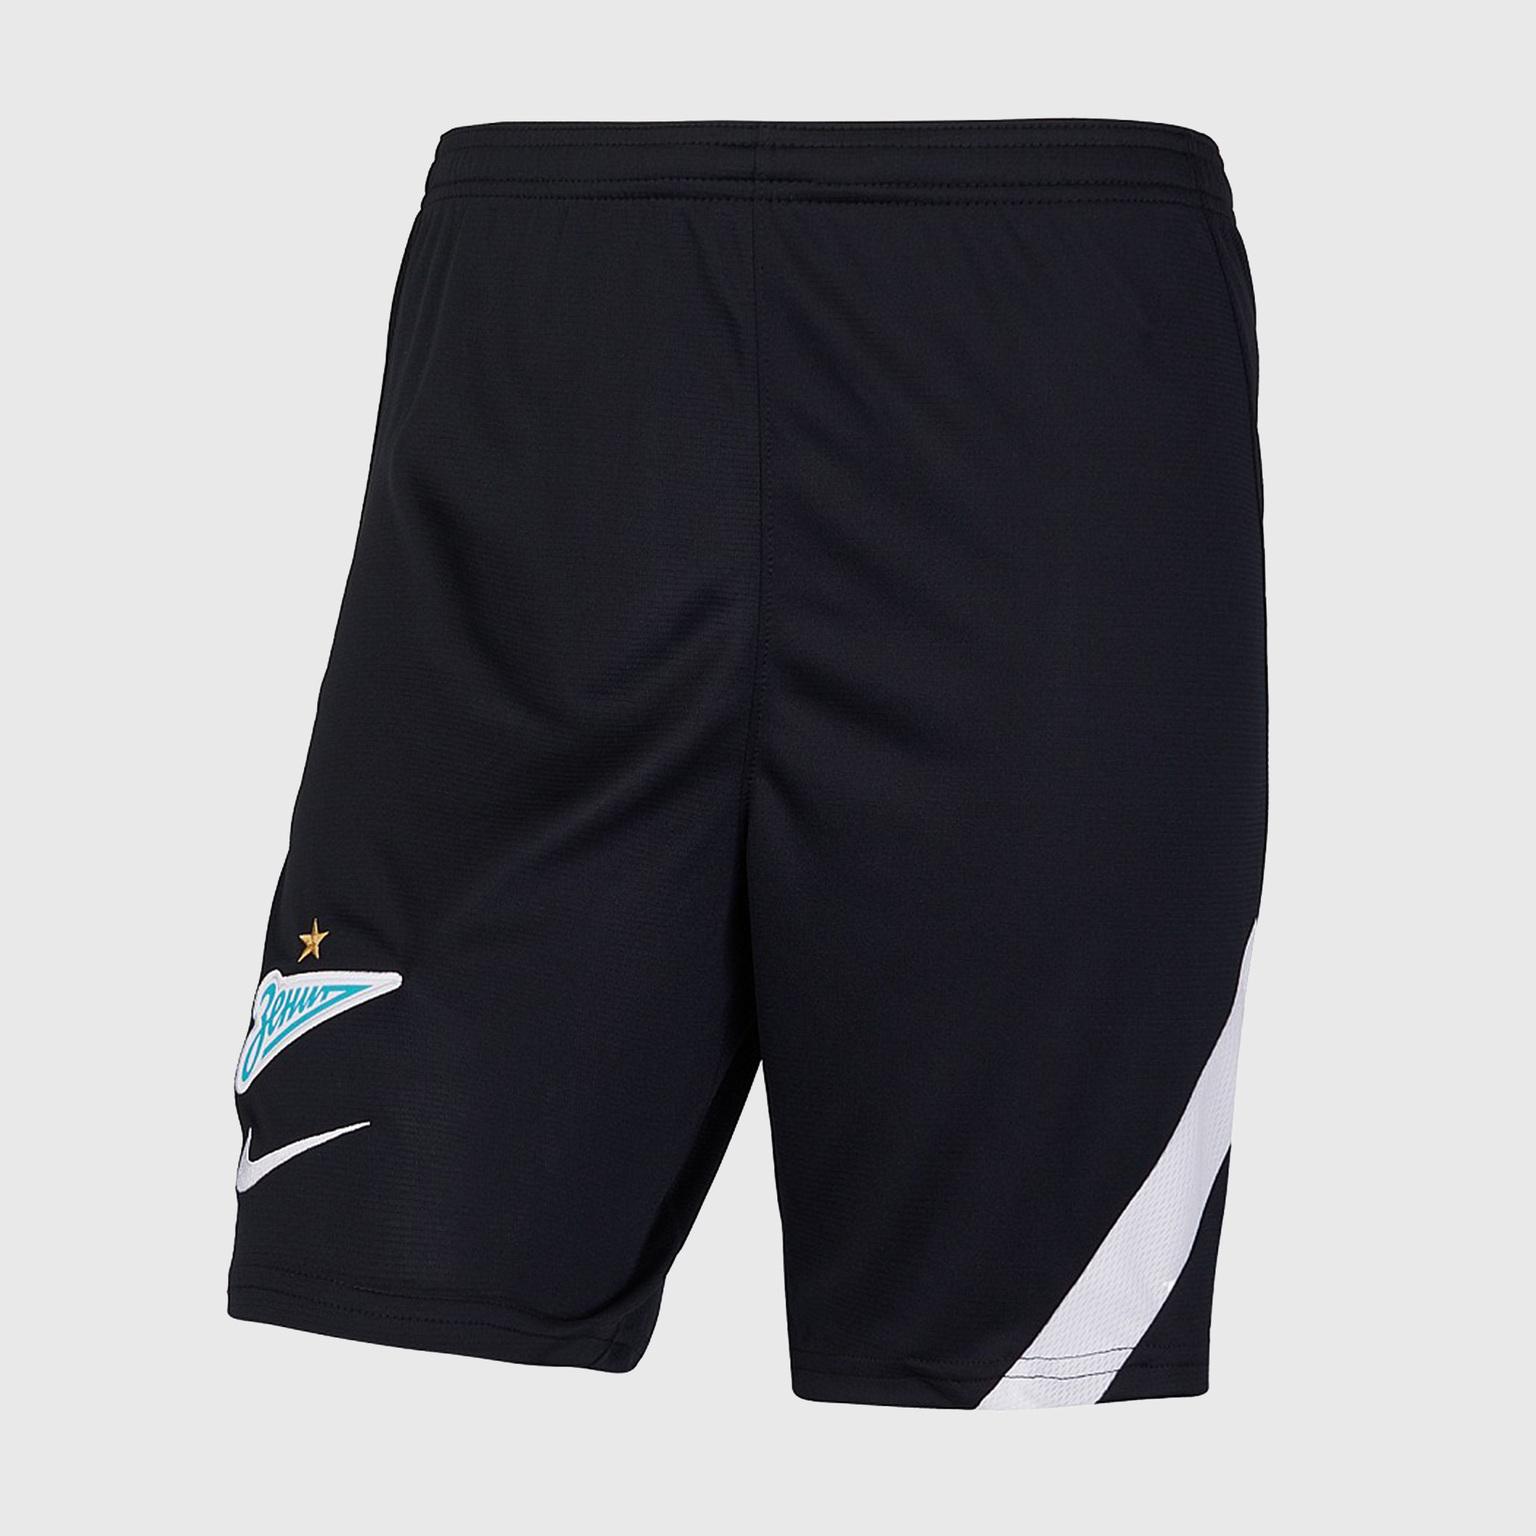 Шорты тренировочные подростковые Nike Zenit сезон 2020/21 шорты вратарские nike подростковые сезона 2017 2018 nike цвет зеленый